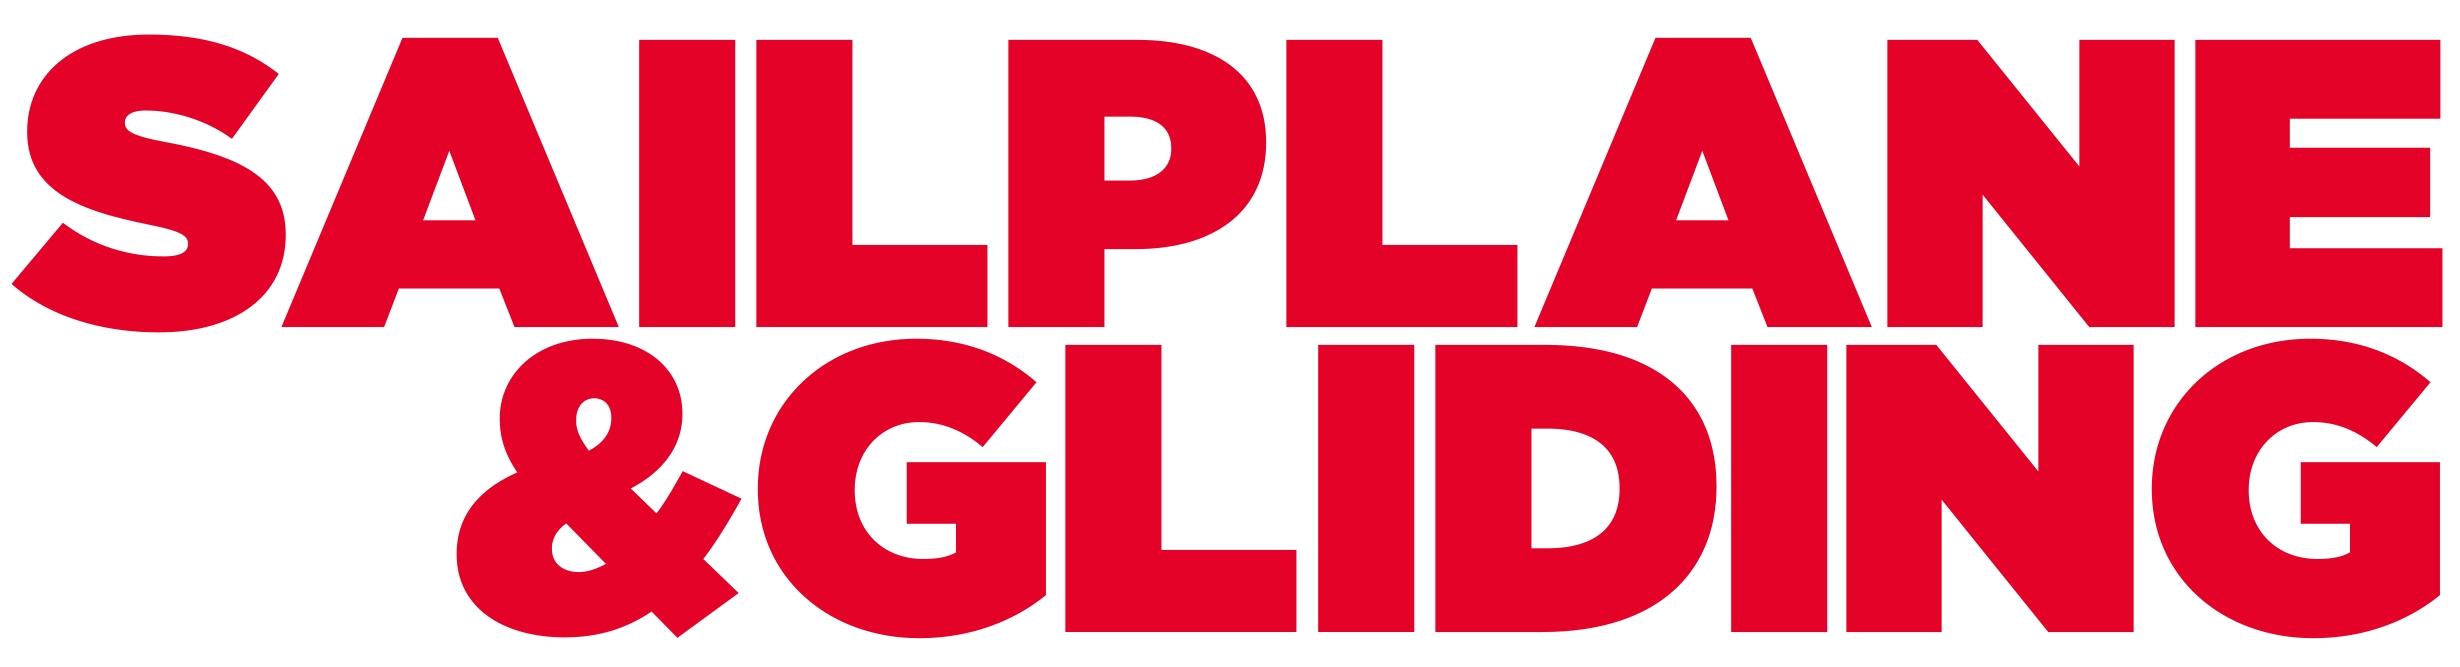 Sailplane & Gliding